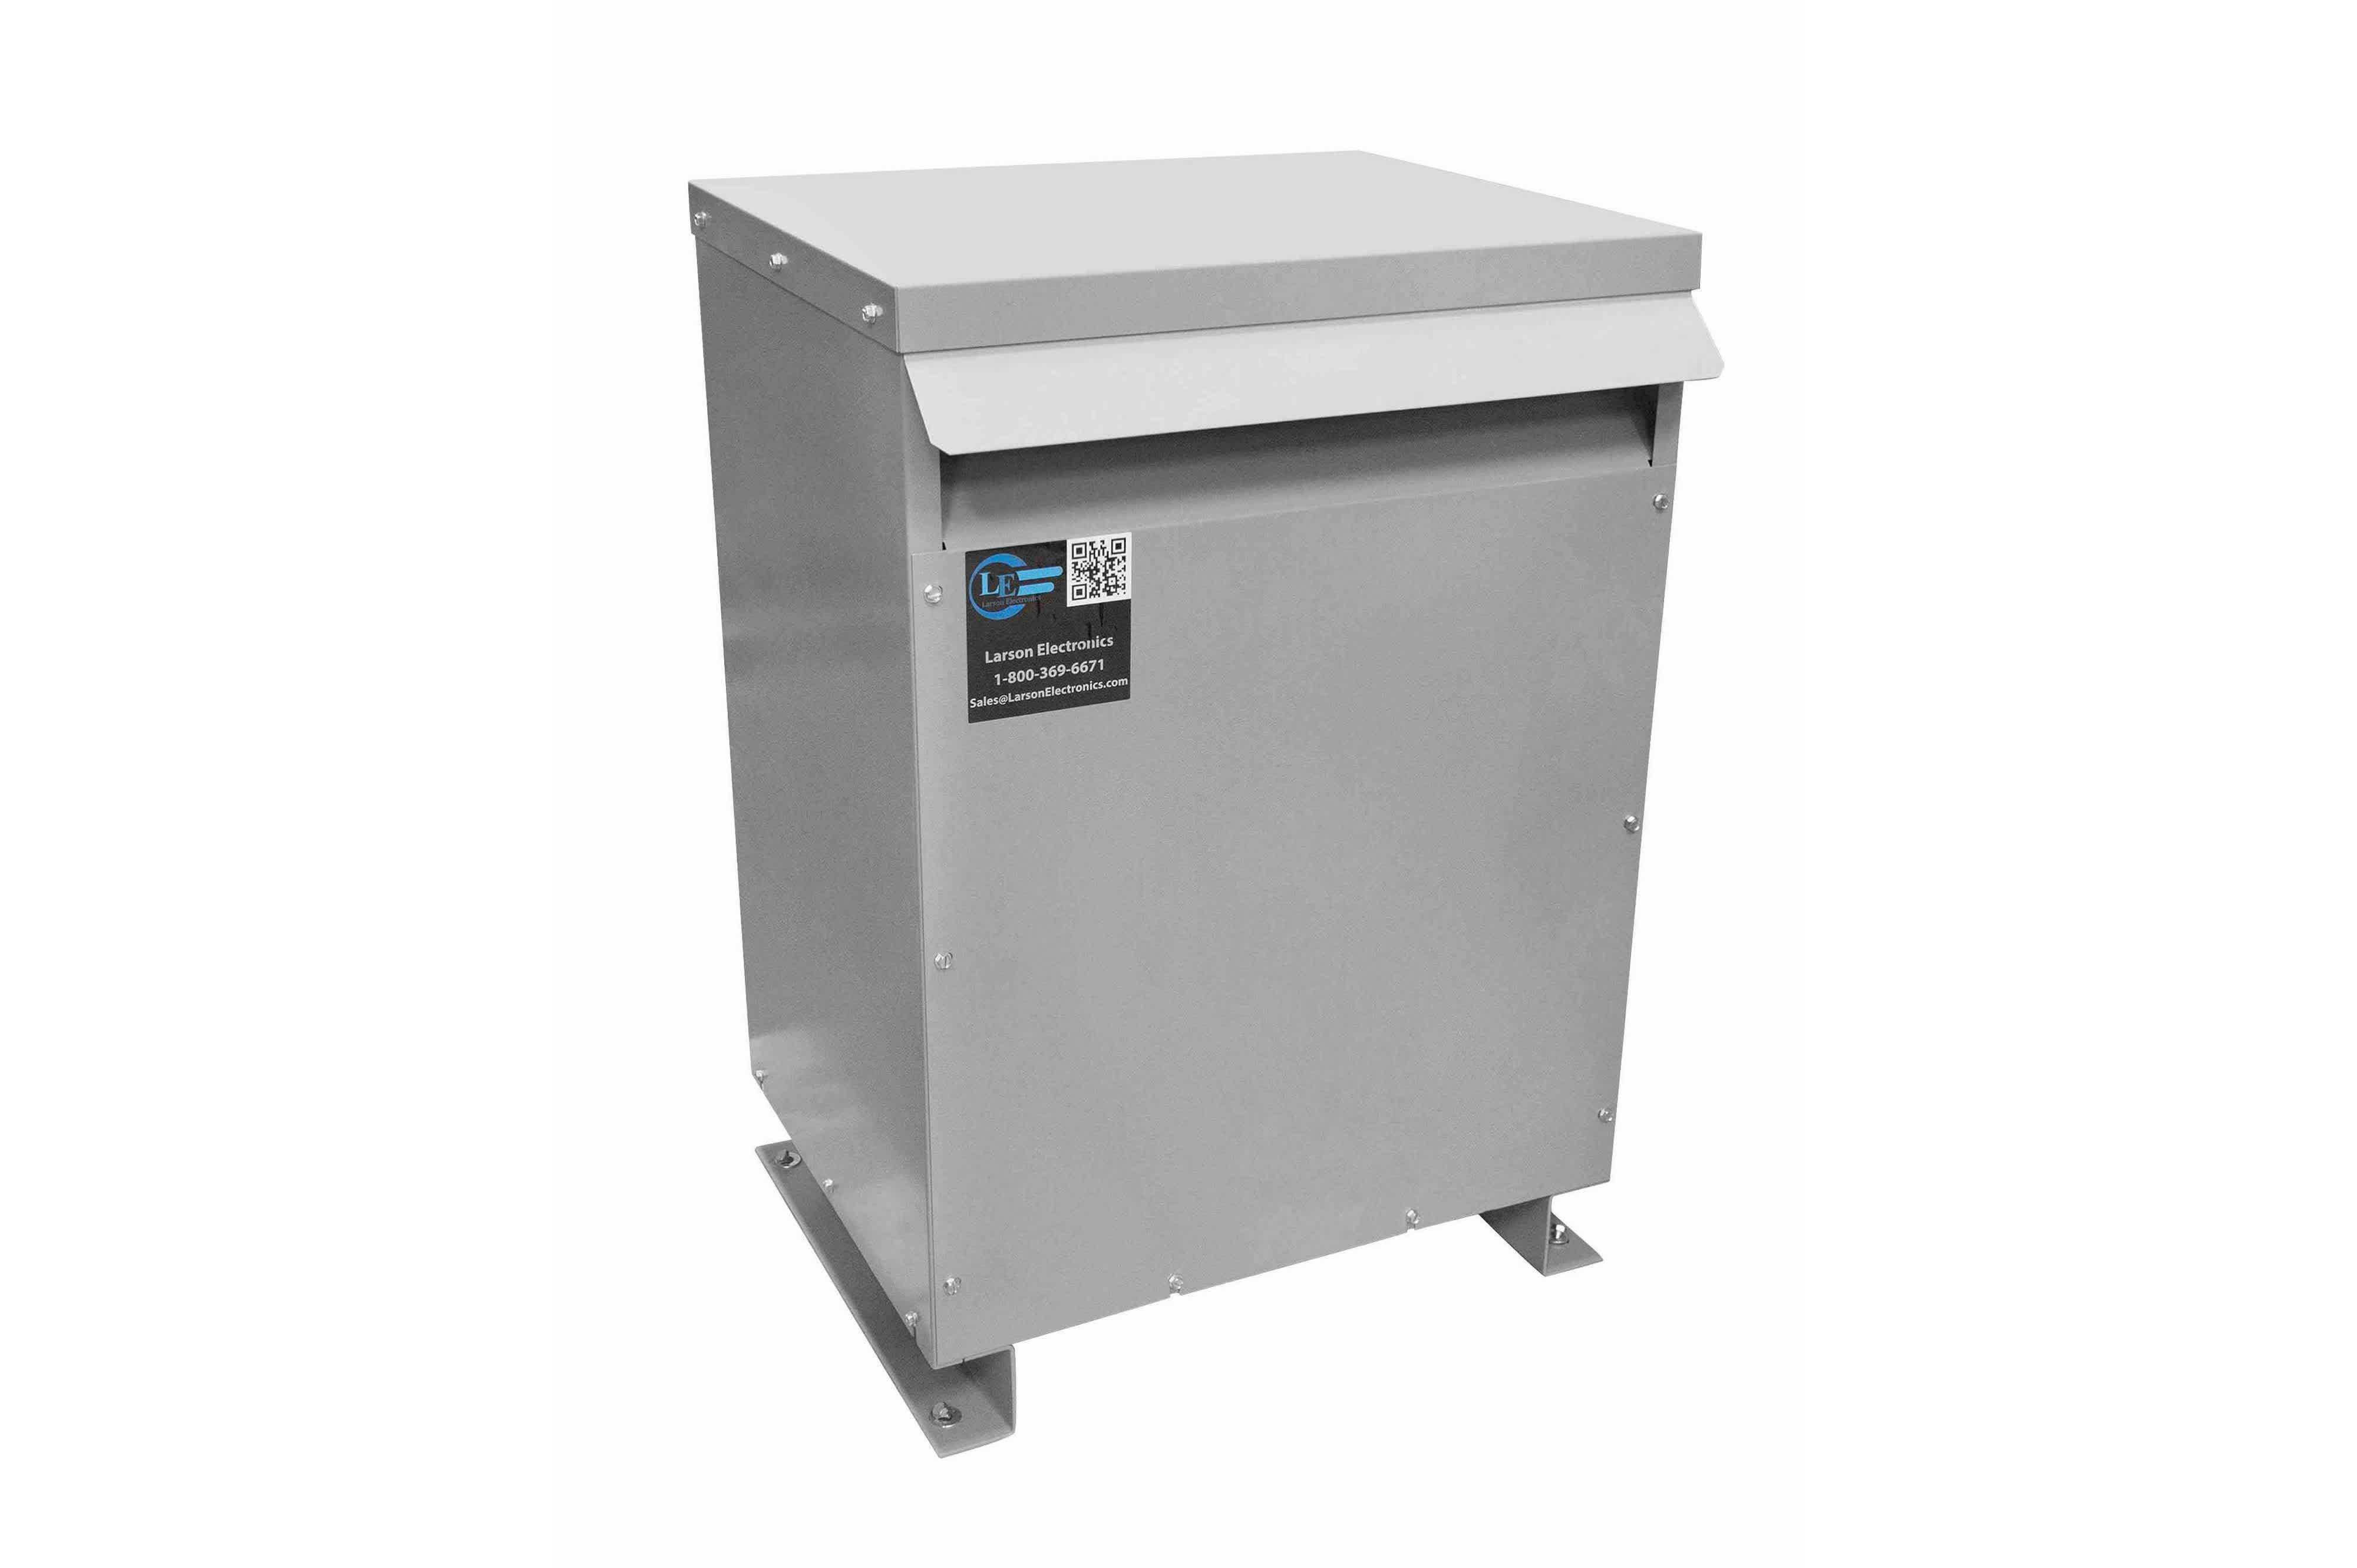 38 kVA 3PH Isolation Transformer, 208V Delta Primary, 400V Delta Secondary, N3R, Ventilated, 60 Hz